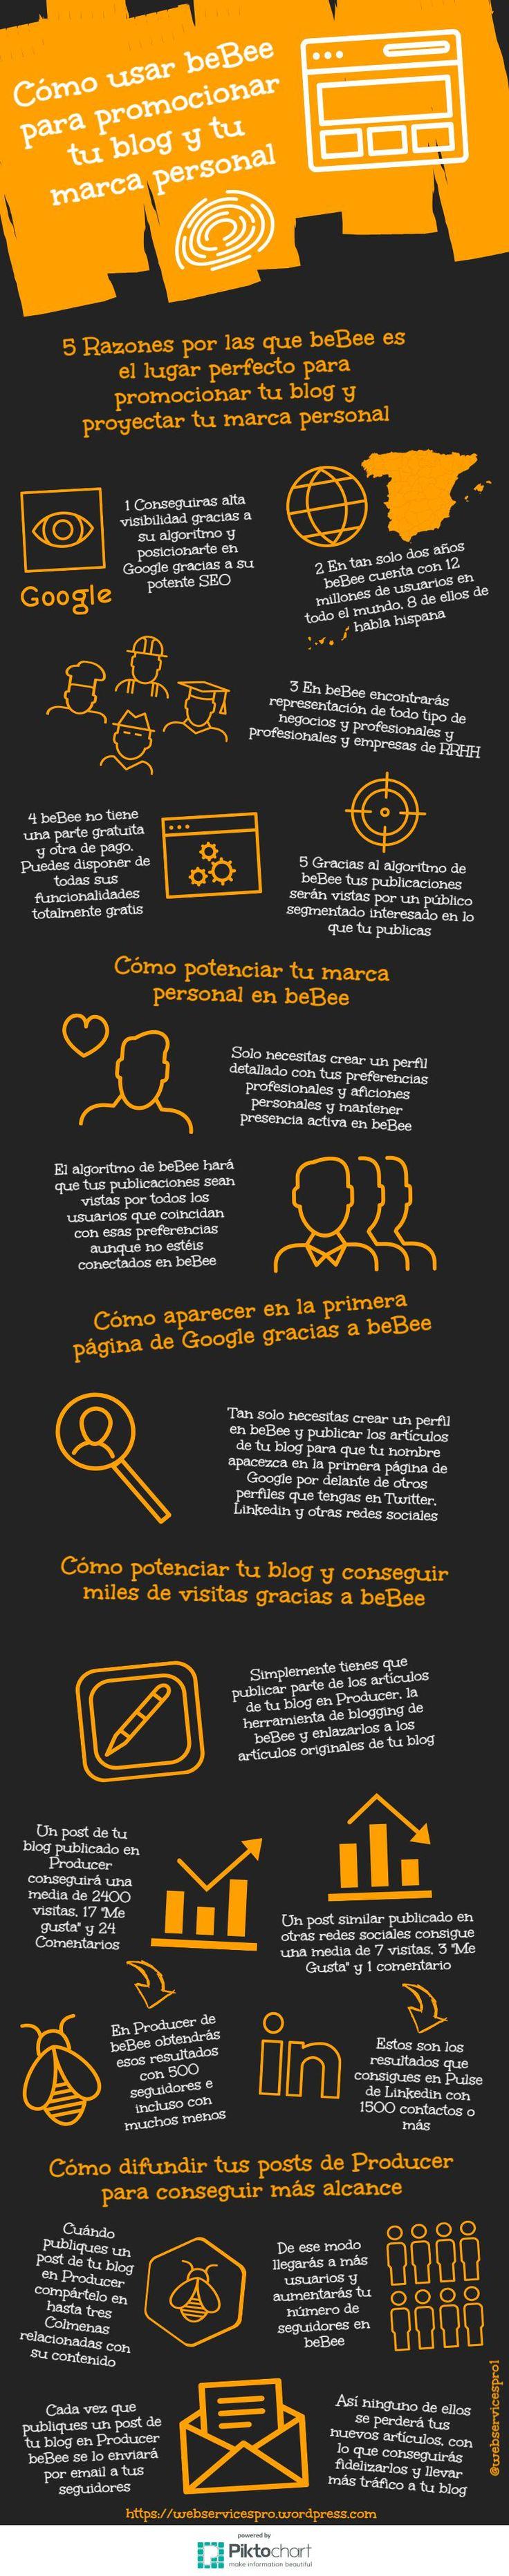 Cómo-usar-beBee-para-promocionar-tu-blog-y-tu-marca-personal #TráficoWeb #Blogging #beBee #RedesSociales #Infografía #SocialMedia